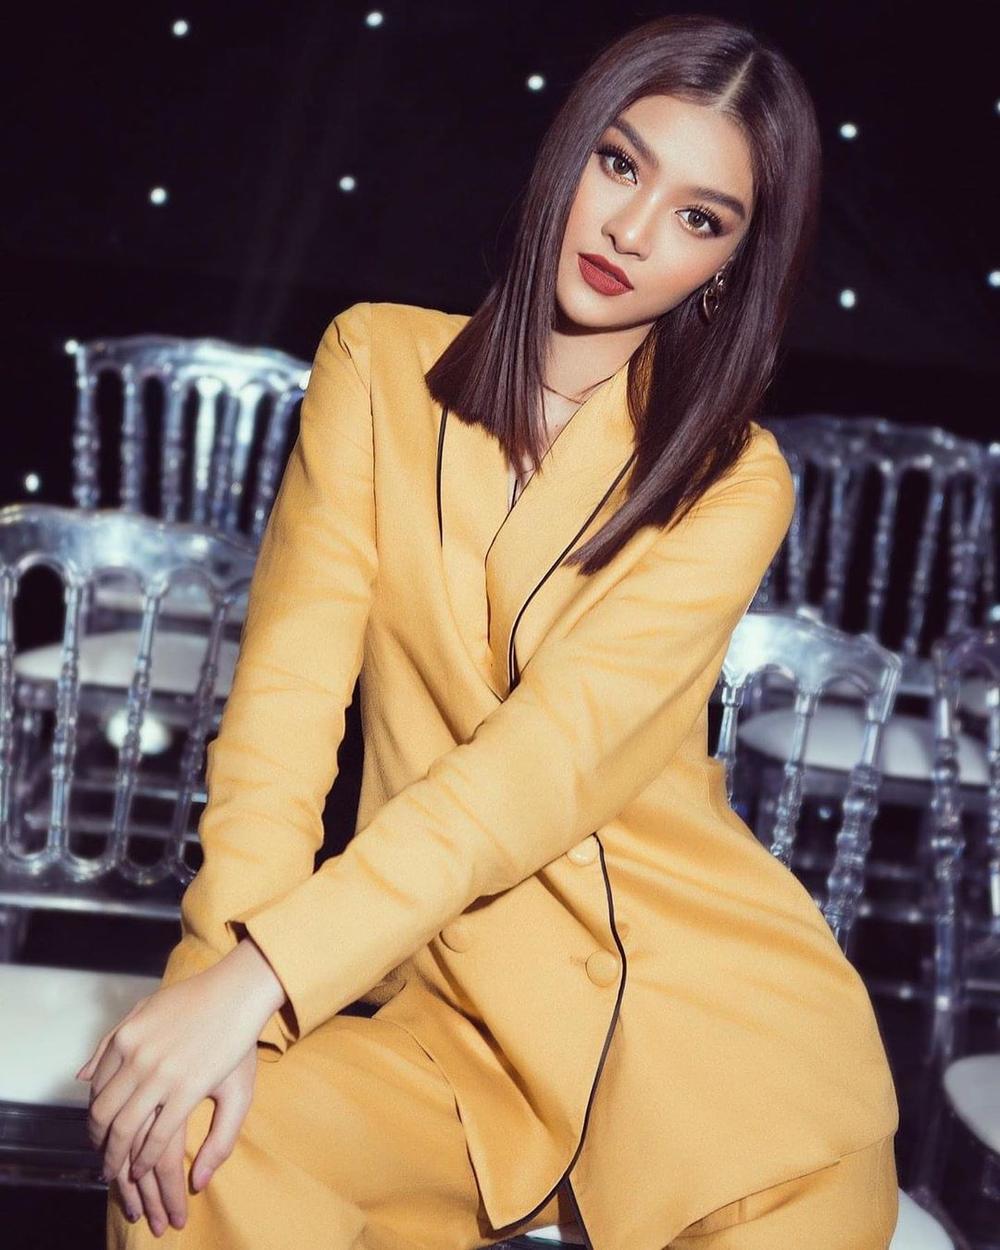 Á hậu Kiều Loan: 'Tôi là một người rất mè nheo khi yêu nên cần tìm một bạn trai lạnh lùng như Binz' Ảnh 4